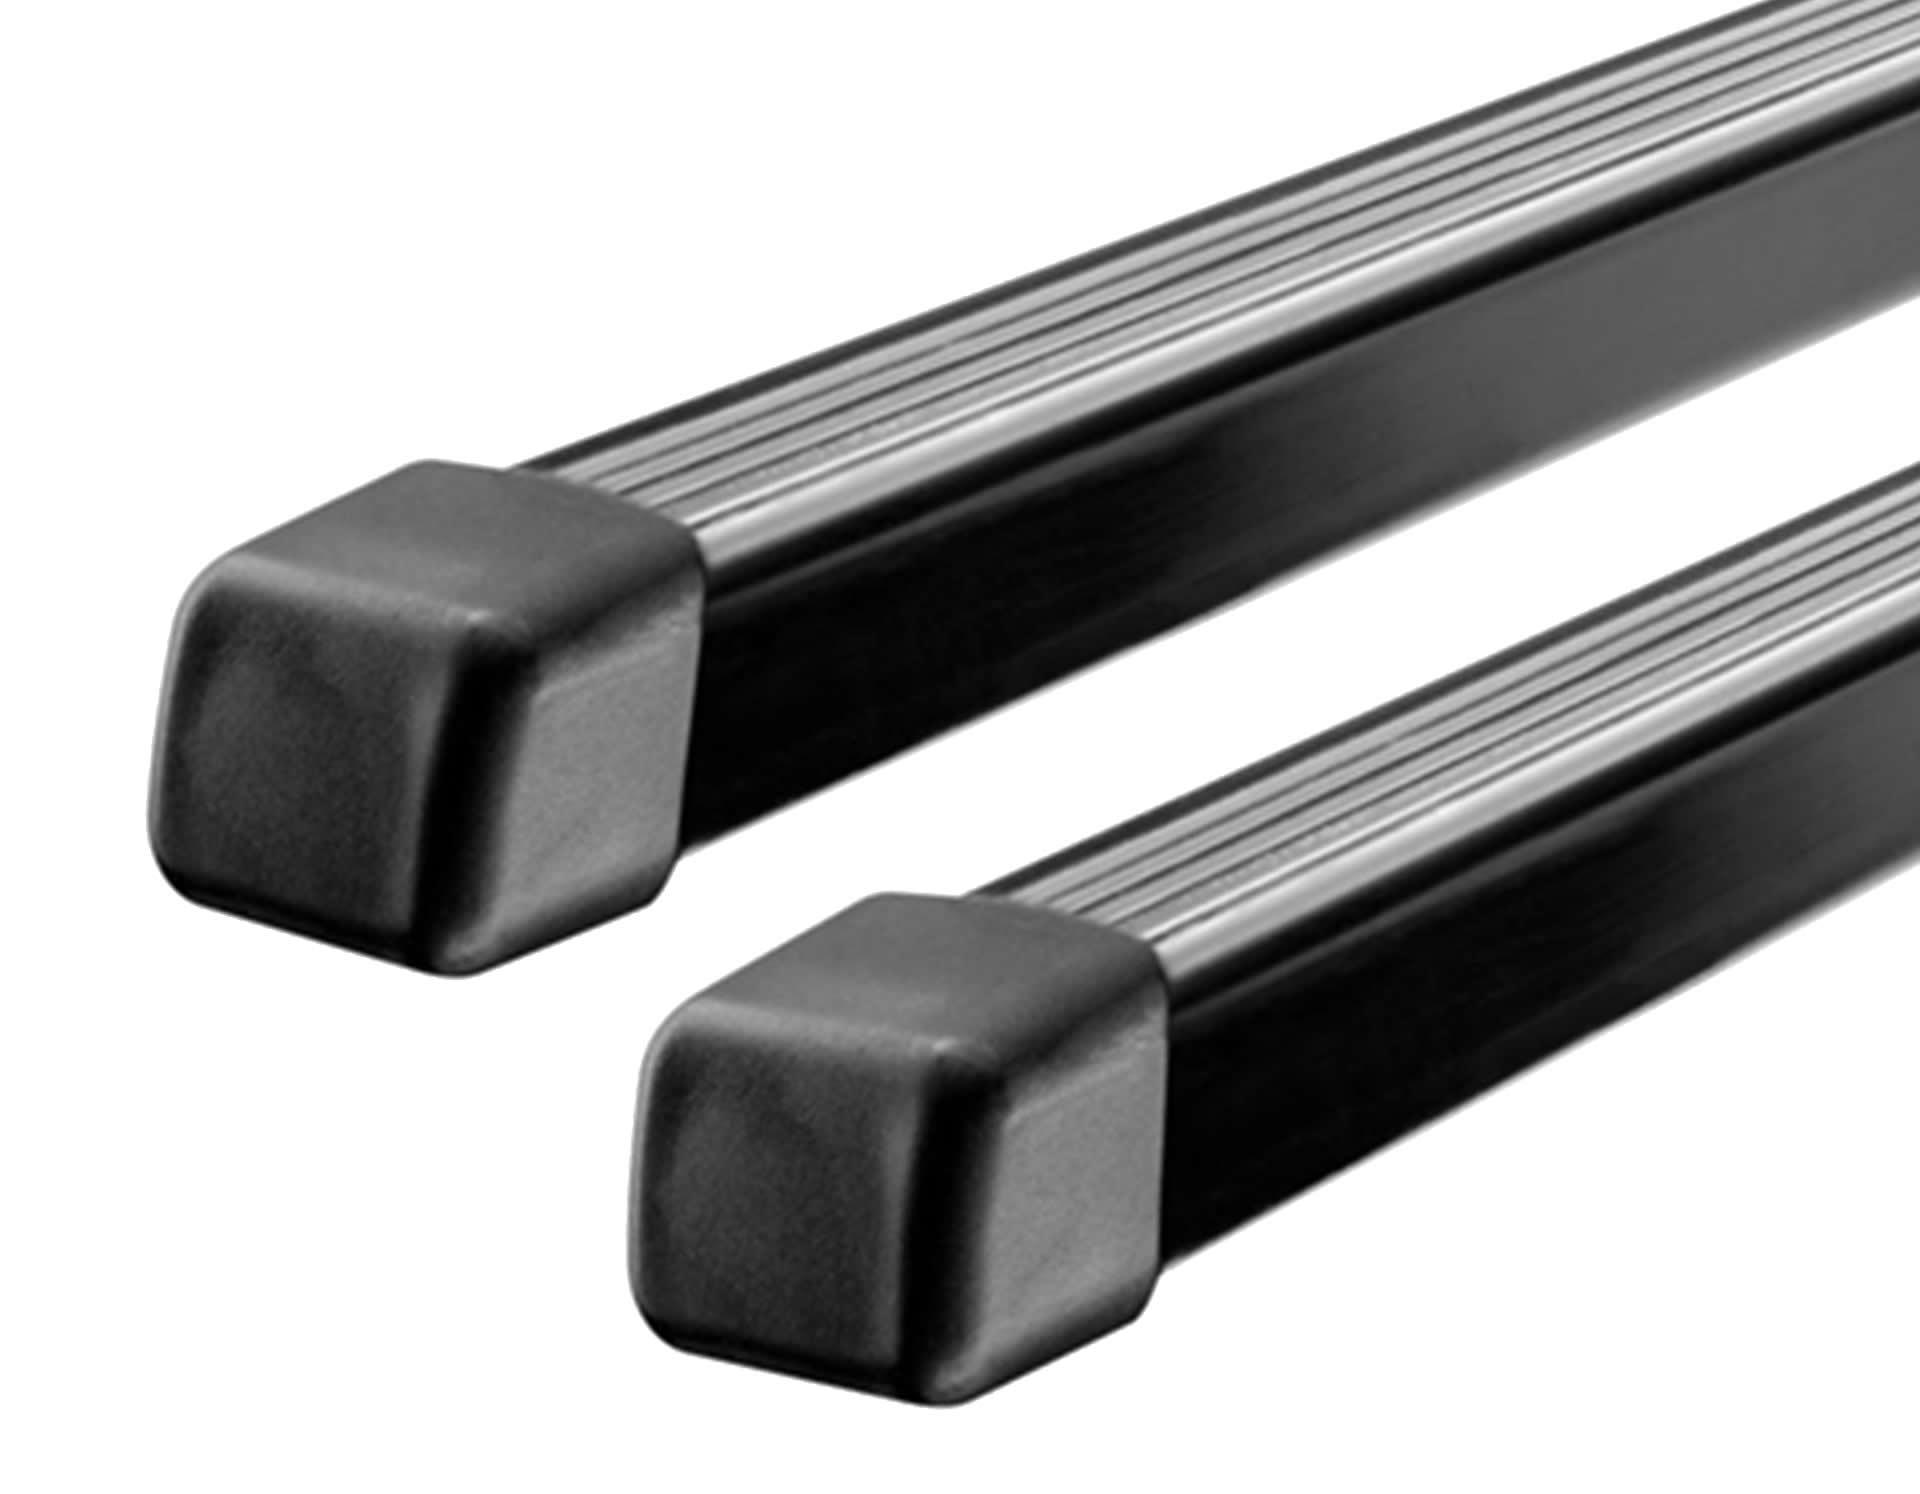 Фото 2: Поперечины сталь (2,00m) Thule SquareBar 766